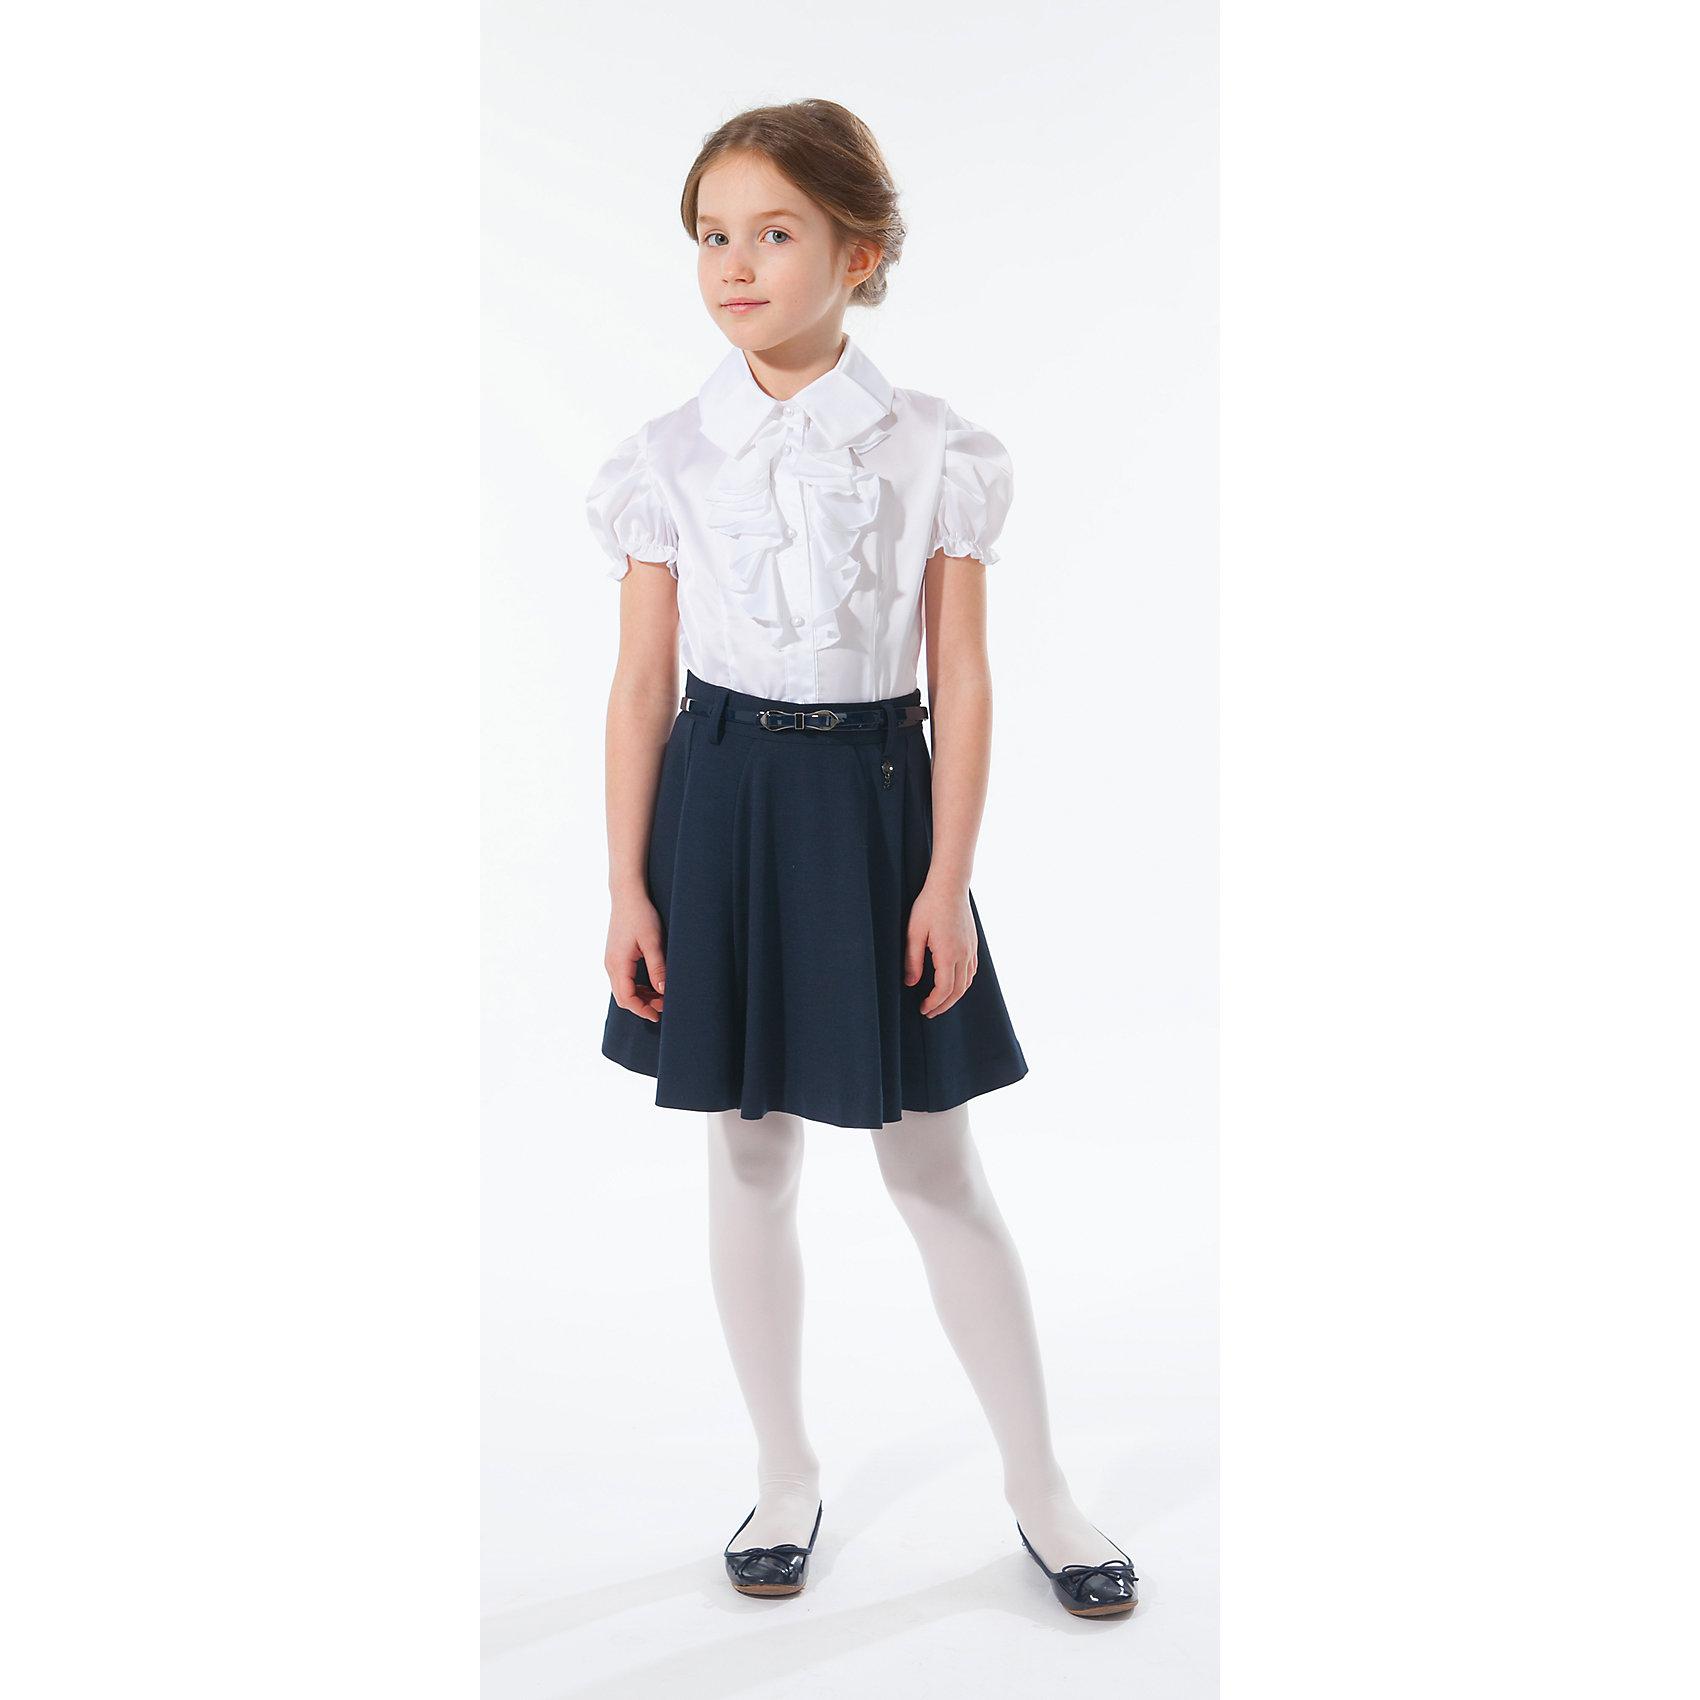 Юбка Silver SpoonЮбка Silver Spoon (Сильвер Спун) - идеальная модель для школьных занятий. Стильная юбка обязательно понравятся маленькой моднице и позволит чувствовать себя комфортно на протяжении всего дня. Юбка очень мягкая и приятная на ощупь, не сковывает движений и не раздражает кожу.<br>Модель в складочку имеет слегка расклешенный силуэт, сбоку застежка на молнии, есть шлевки для ремня. Классический покрой позволяет использовать юбку в различных сочетаниях - с блузкой, пиджаками и другими предметами школьного гардероба. Все модели Сильвер Спун предназначены для повседневного интенсивного использования и выполнены из прочных тканей, которые позволяют вещам выглядеть великолепно на протяжении длительного срока эксплуатации. <br><br>Дополнительная информация:<br><br>- Цвет: темно-синий.<br>- Материал: 65% хлопок, 30% полиэстер, 5% спандекс.<br><br>Юбку, Silver Spoon (Сильвер Спун), можно купить в нашем интернет-магазине.<br><br>Ширина мм: 207<br>Глубина мм: 10<br>Высота мм: 189<br>Вес г: 183<br>Цвет: разноцветный<br>Возраст от месяцев: 120<br>Возраст до месяцев: 132<br>Пол: Женский<br>Возраст: Детский<br>Размер: 158,134,146,152,128,140<br>SKU: 4146273